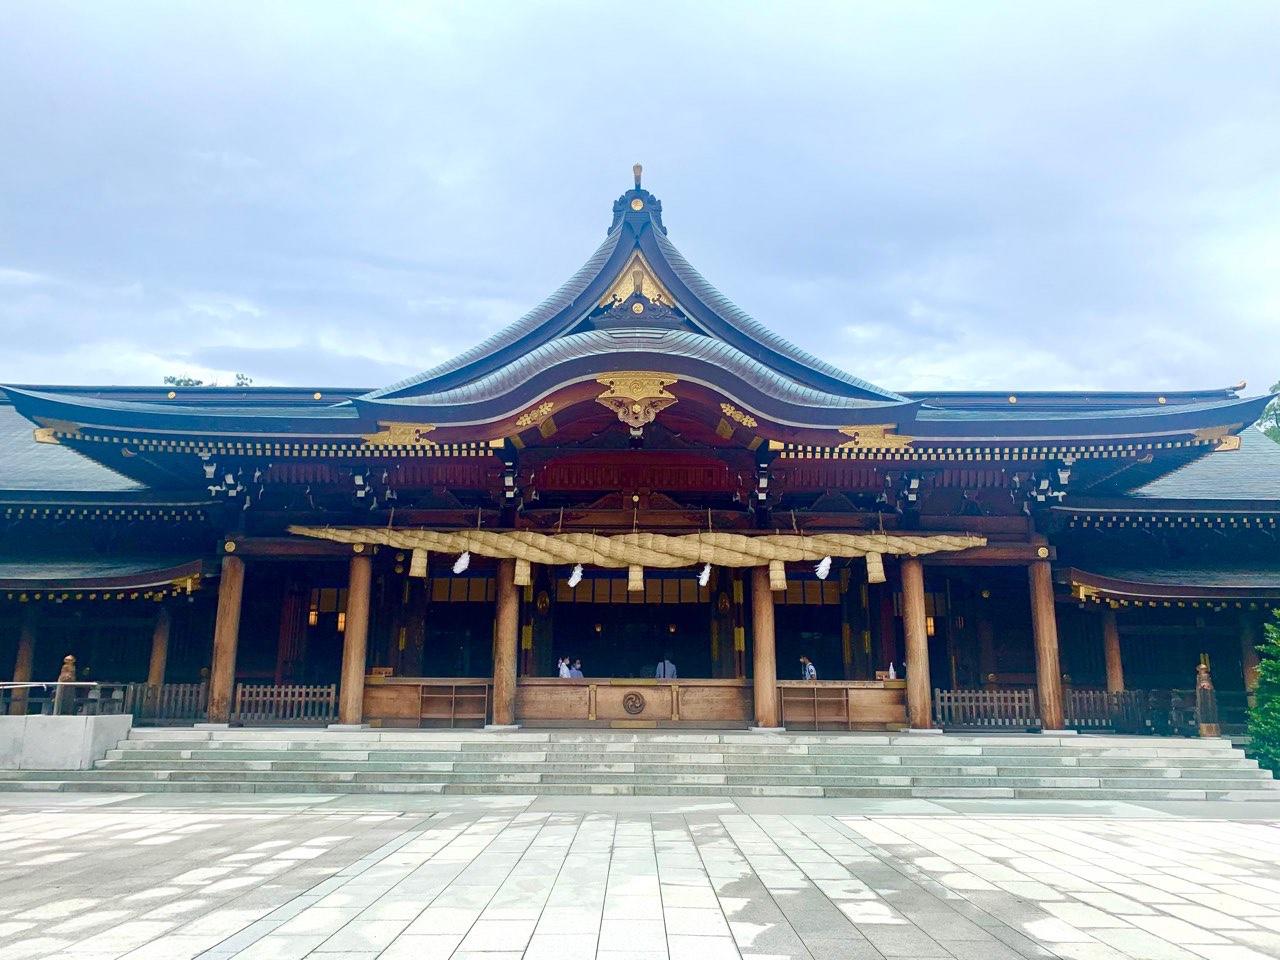 パワースポット㉘寒川神社(神奈川県高座郡寒川町)